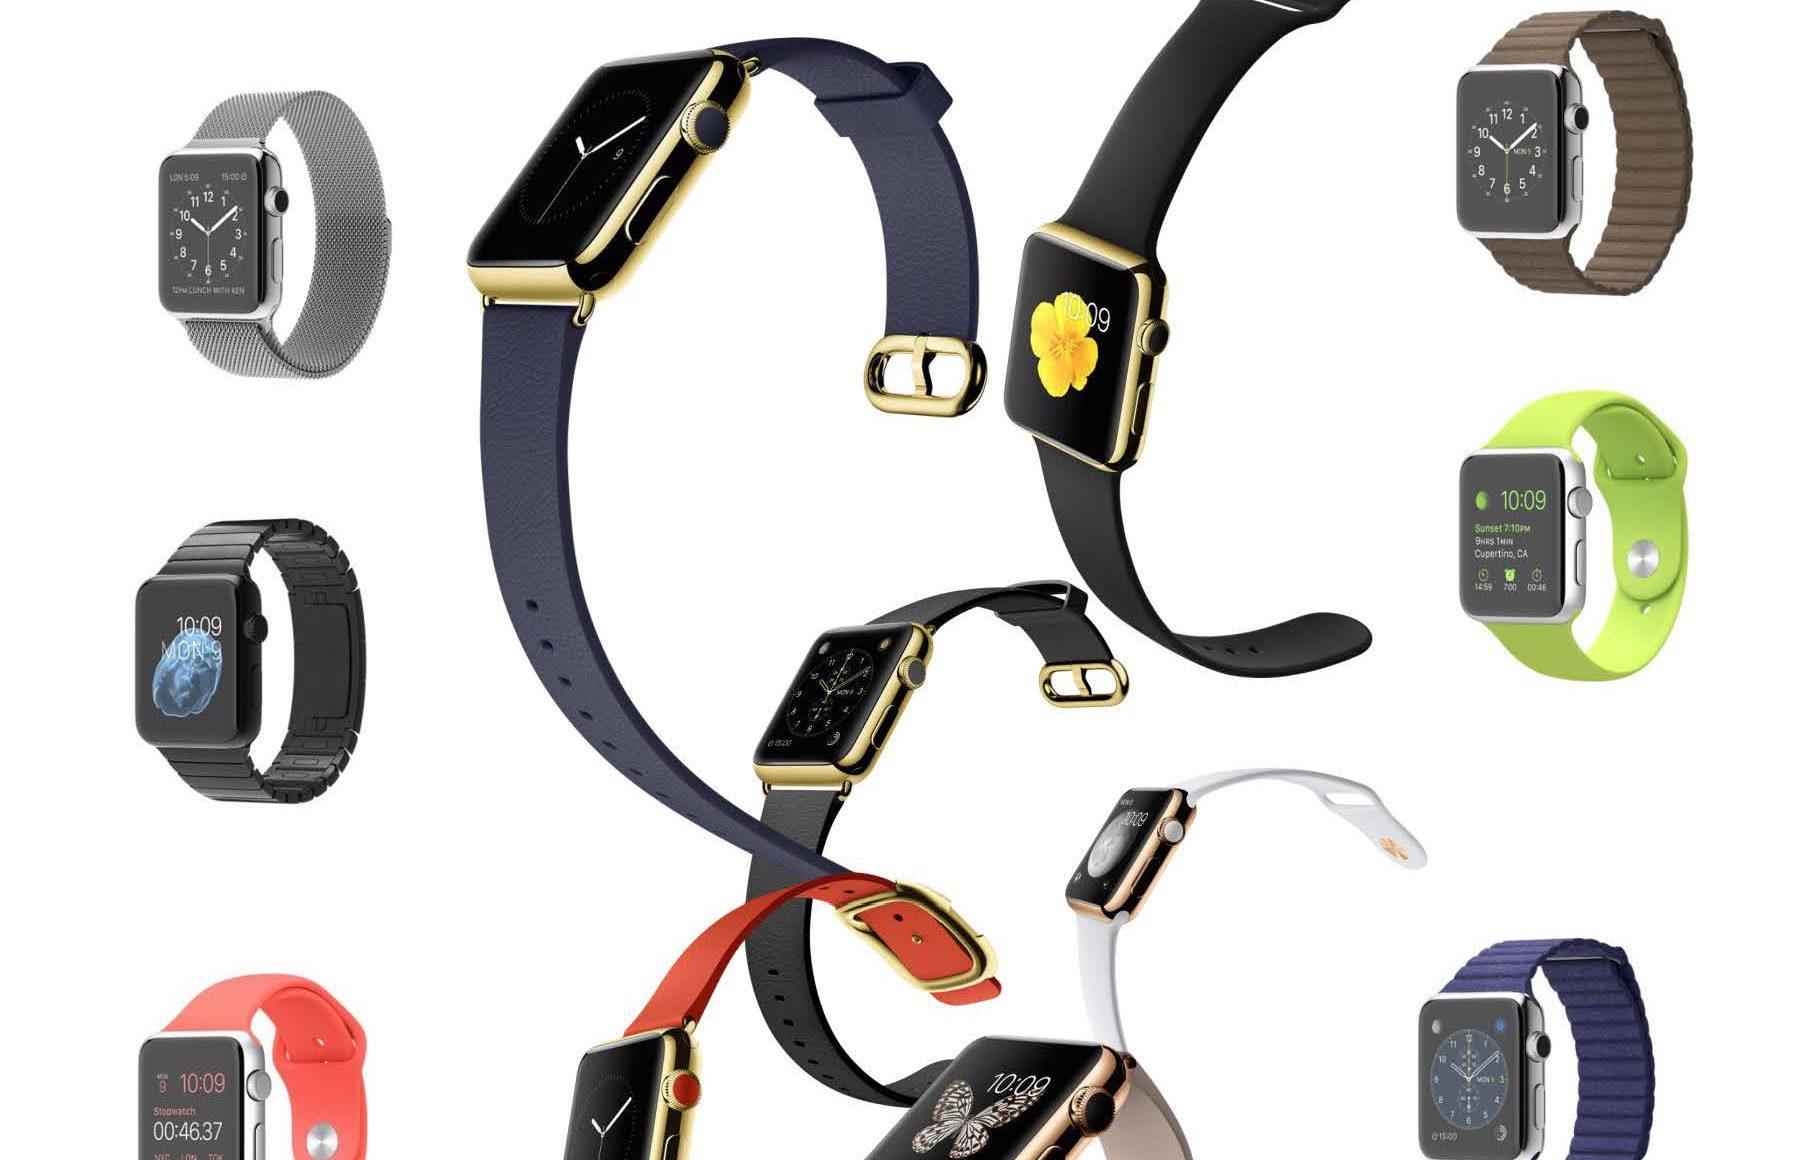 Apple Watch Armband Vergleich Januar 2016 – Die besten Armbänder für die Apple Watch